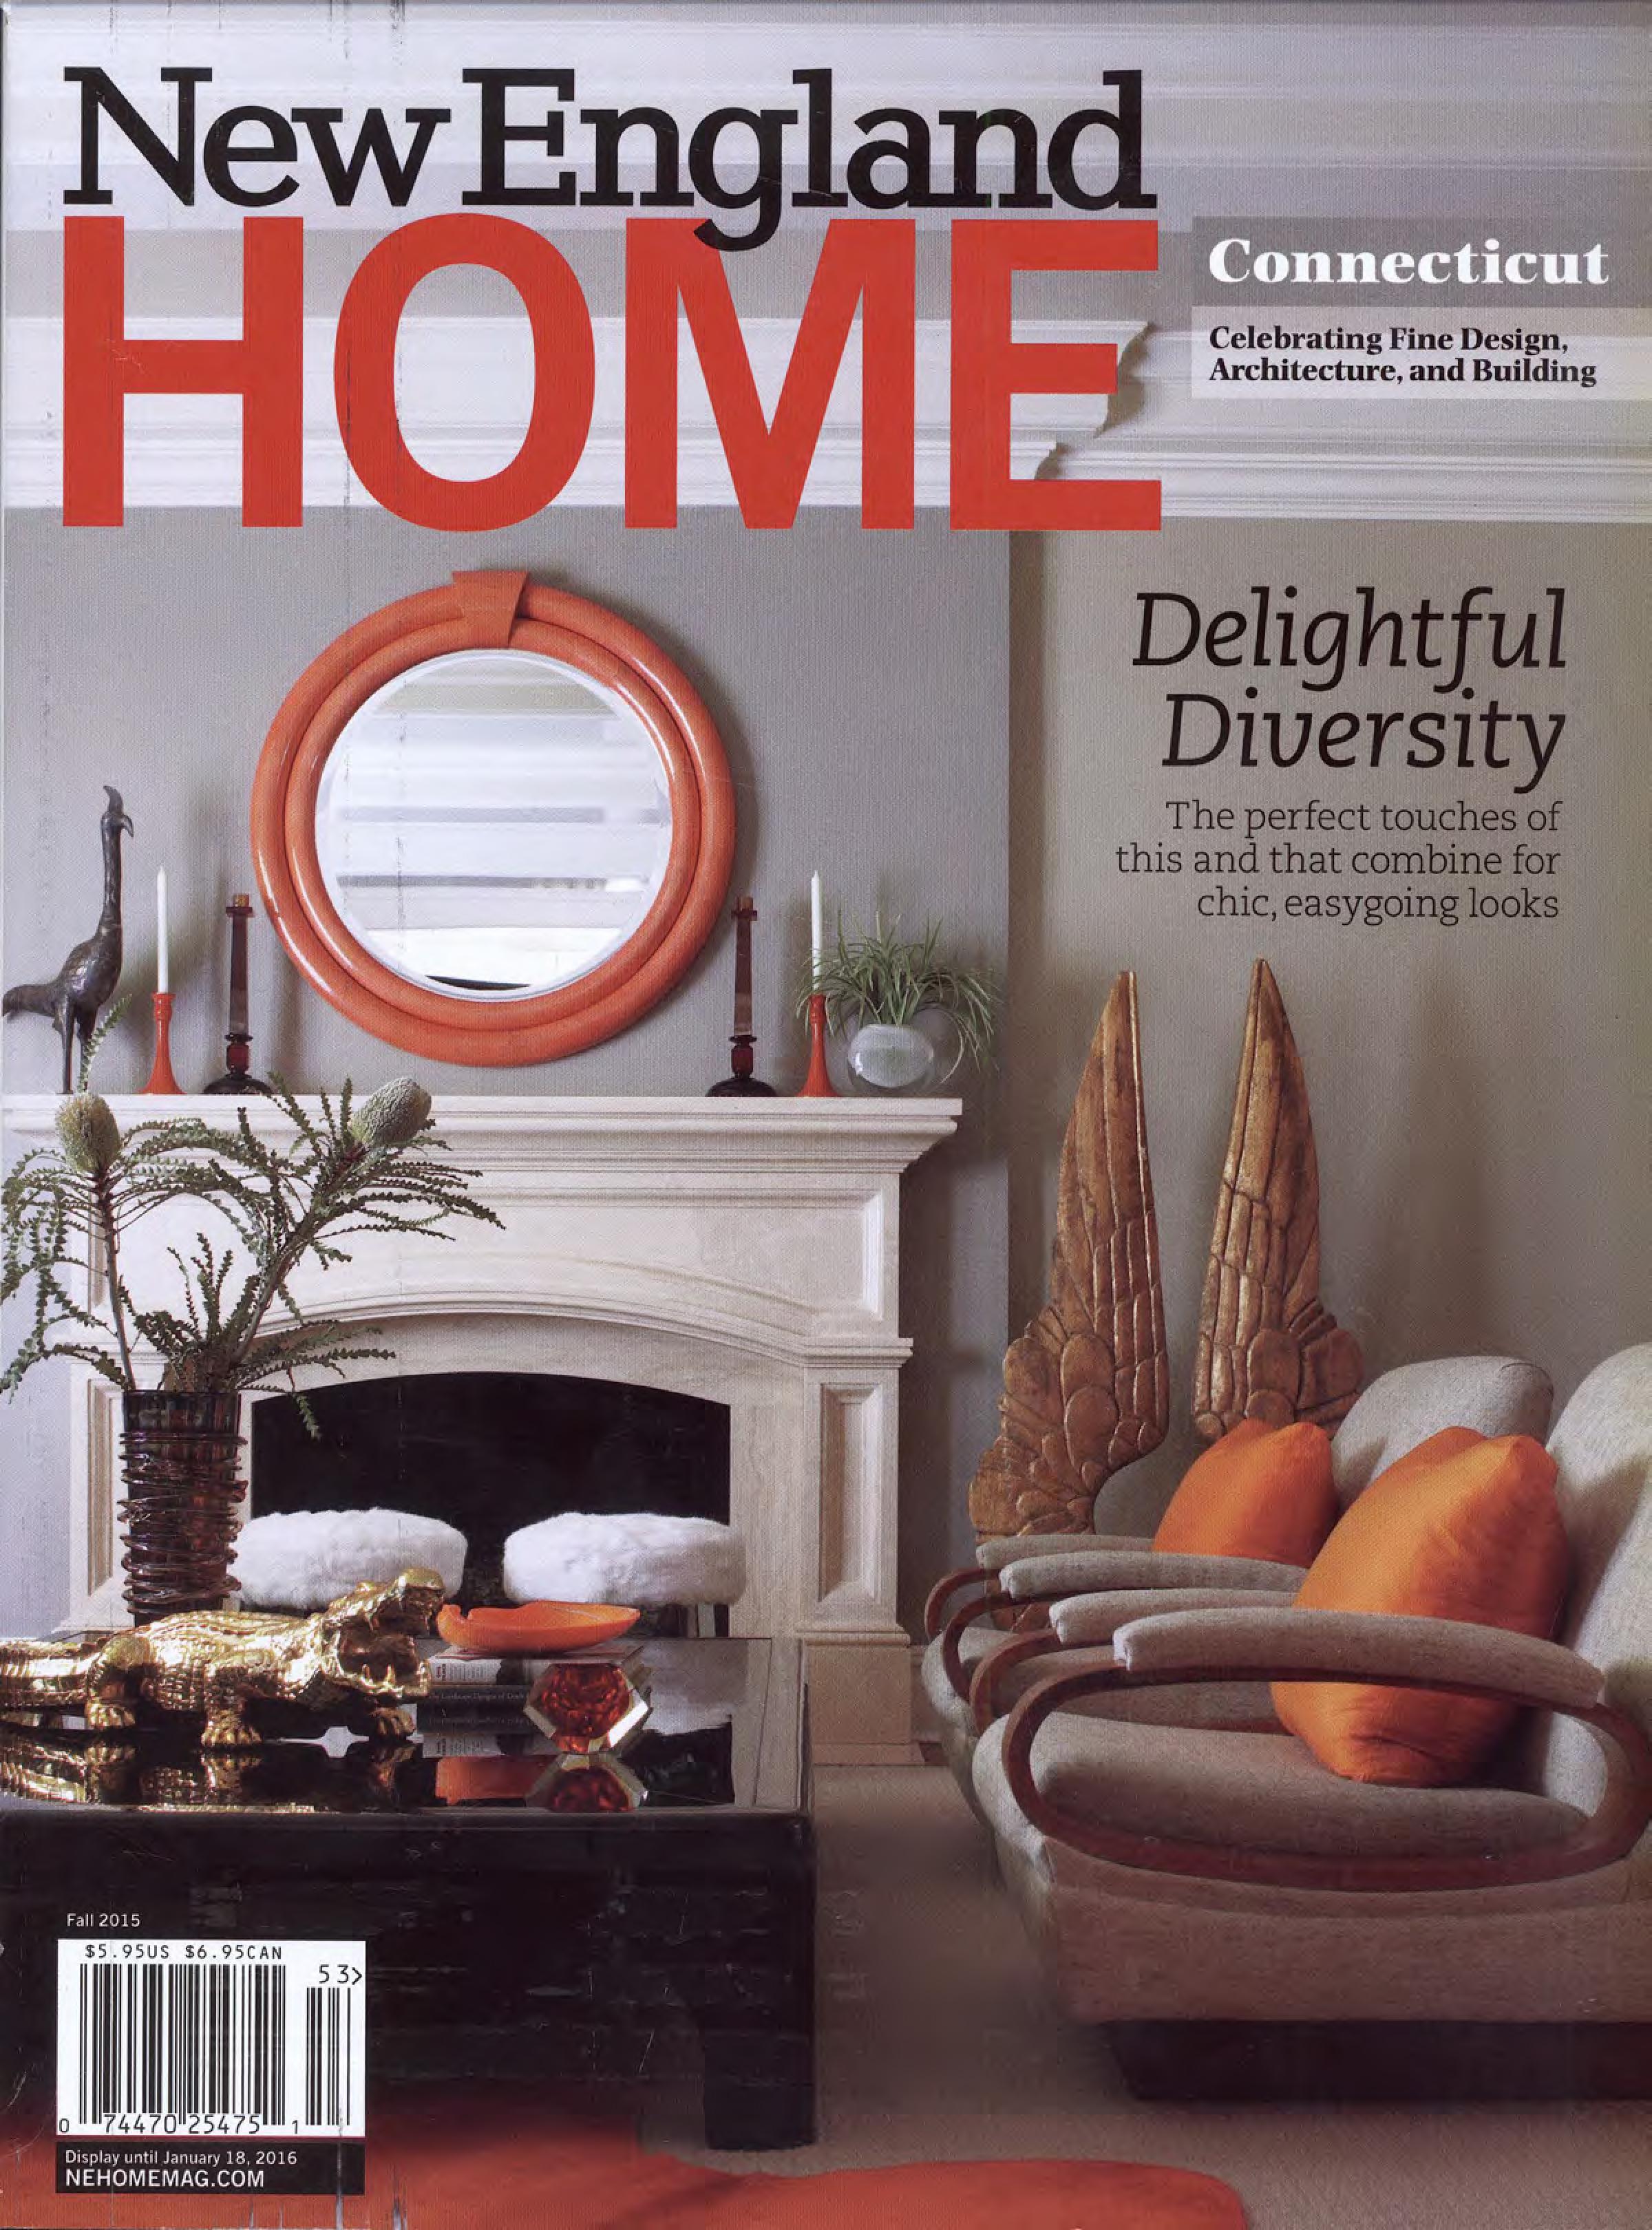 mcgonagle-new england home cover.jpg